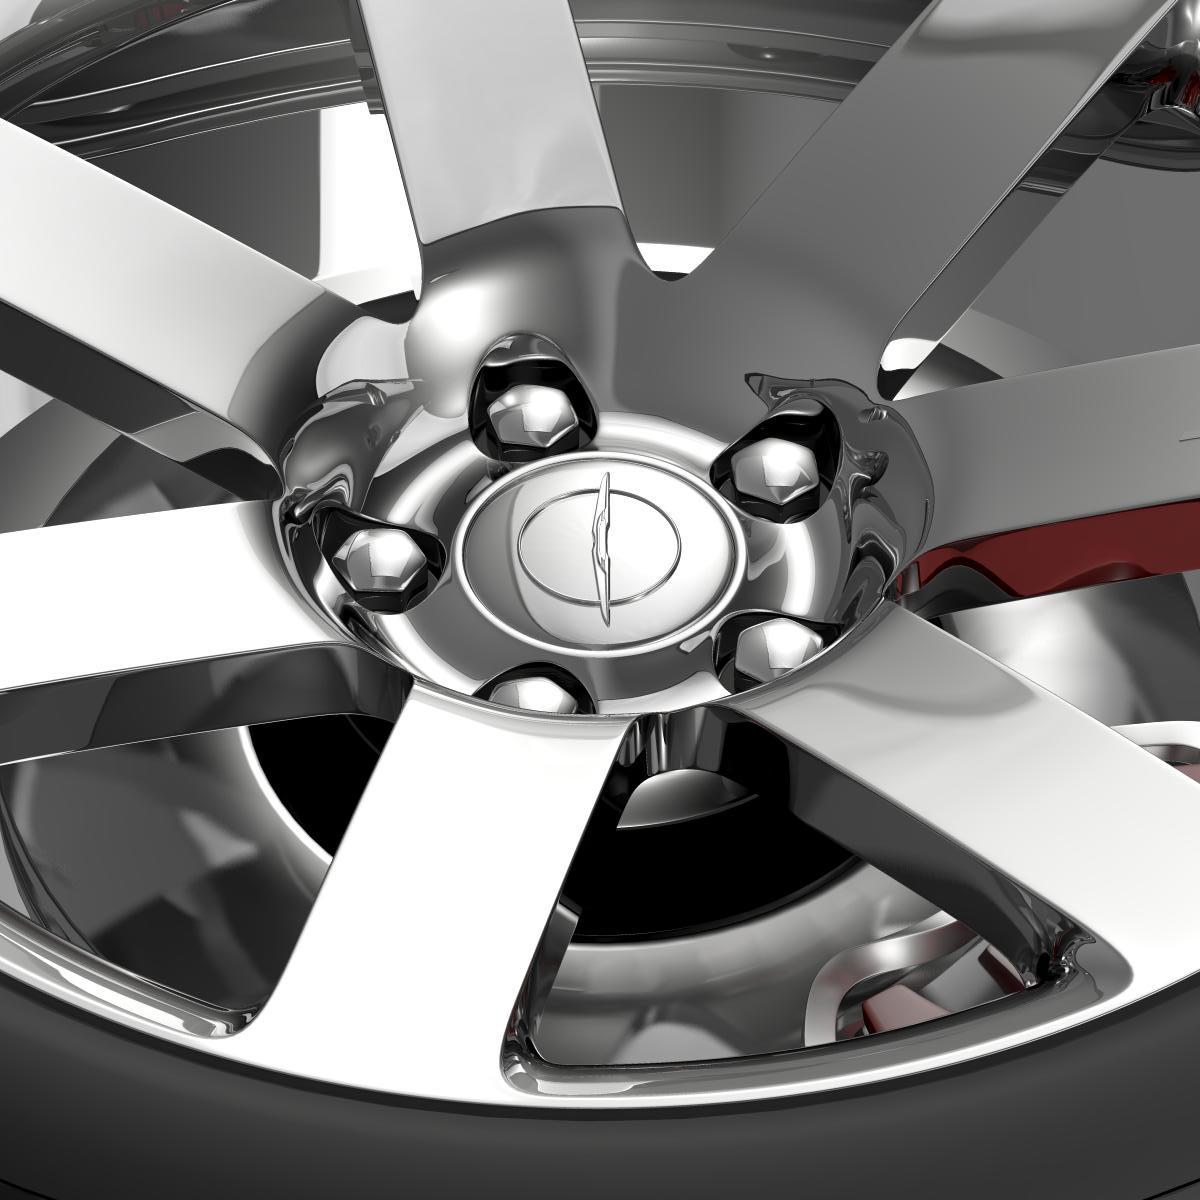 chrysler 300 srt8 wheel 3d model 3ds max fbx c4d lwo ma mb hrc xsi obj 210657